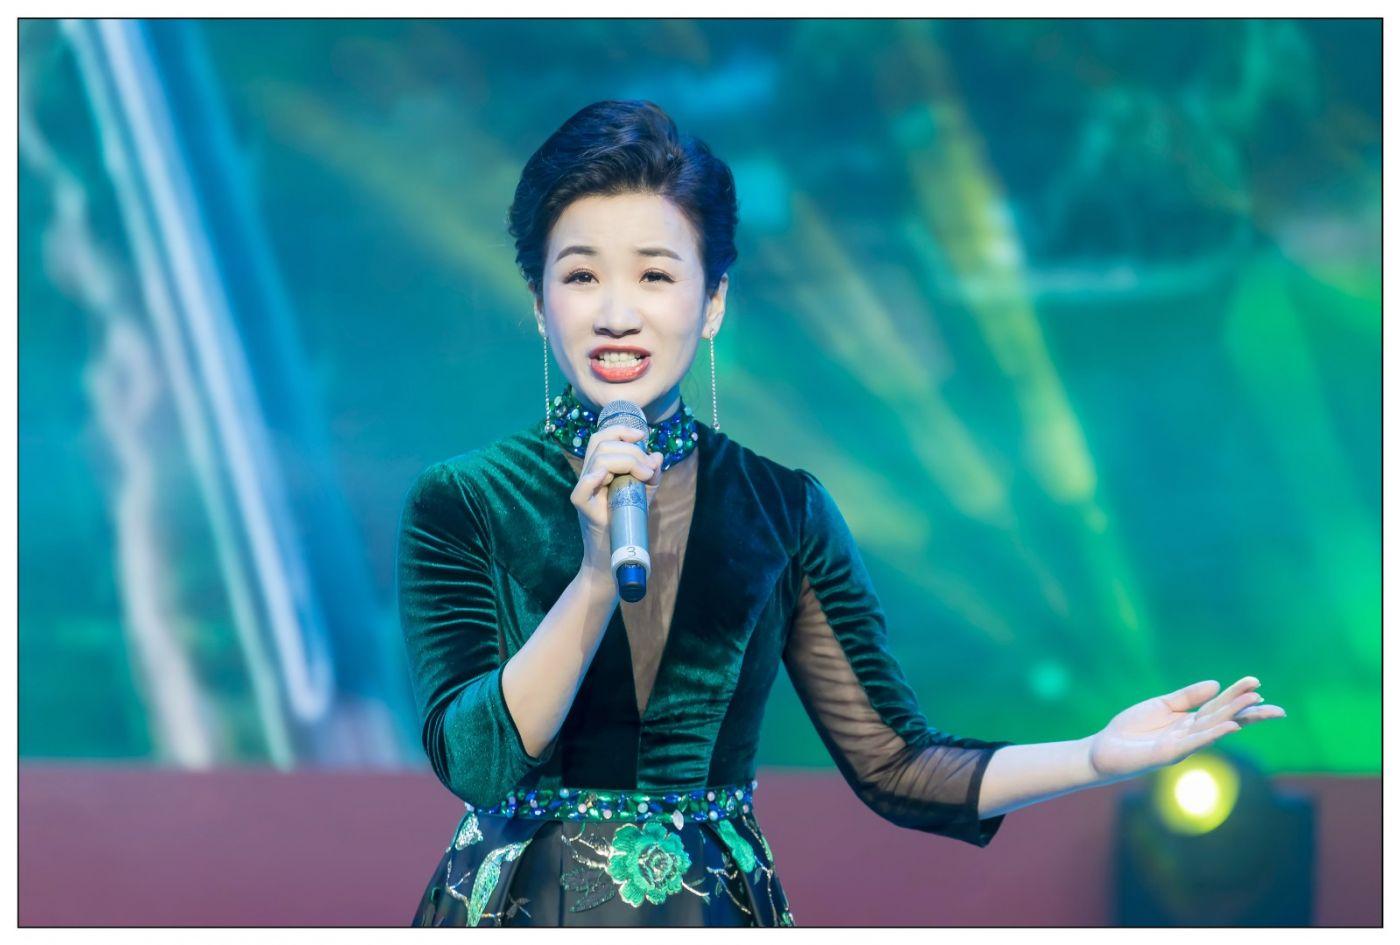 又见星光大道冠军歌手张海军 1月26央视播出 将自己唱哭的歌手 ..._图1-22